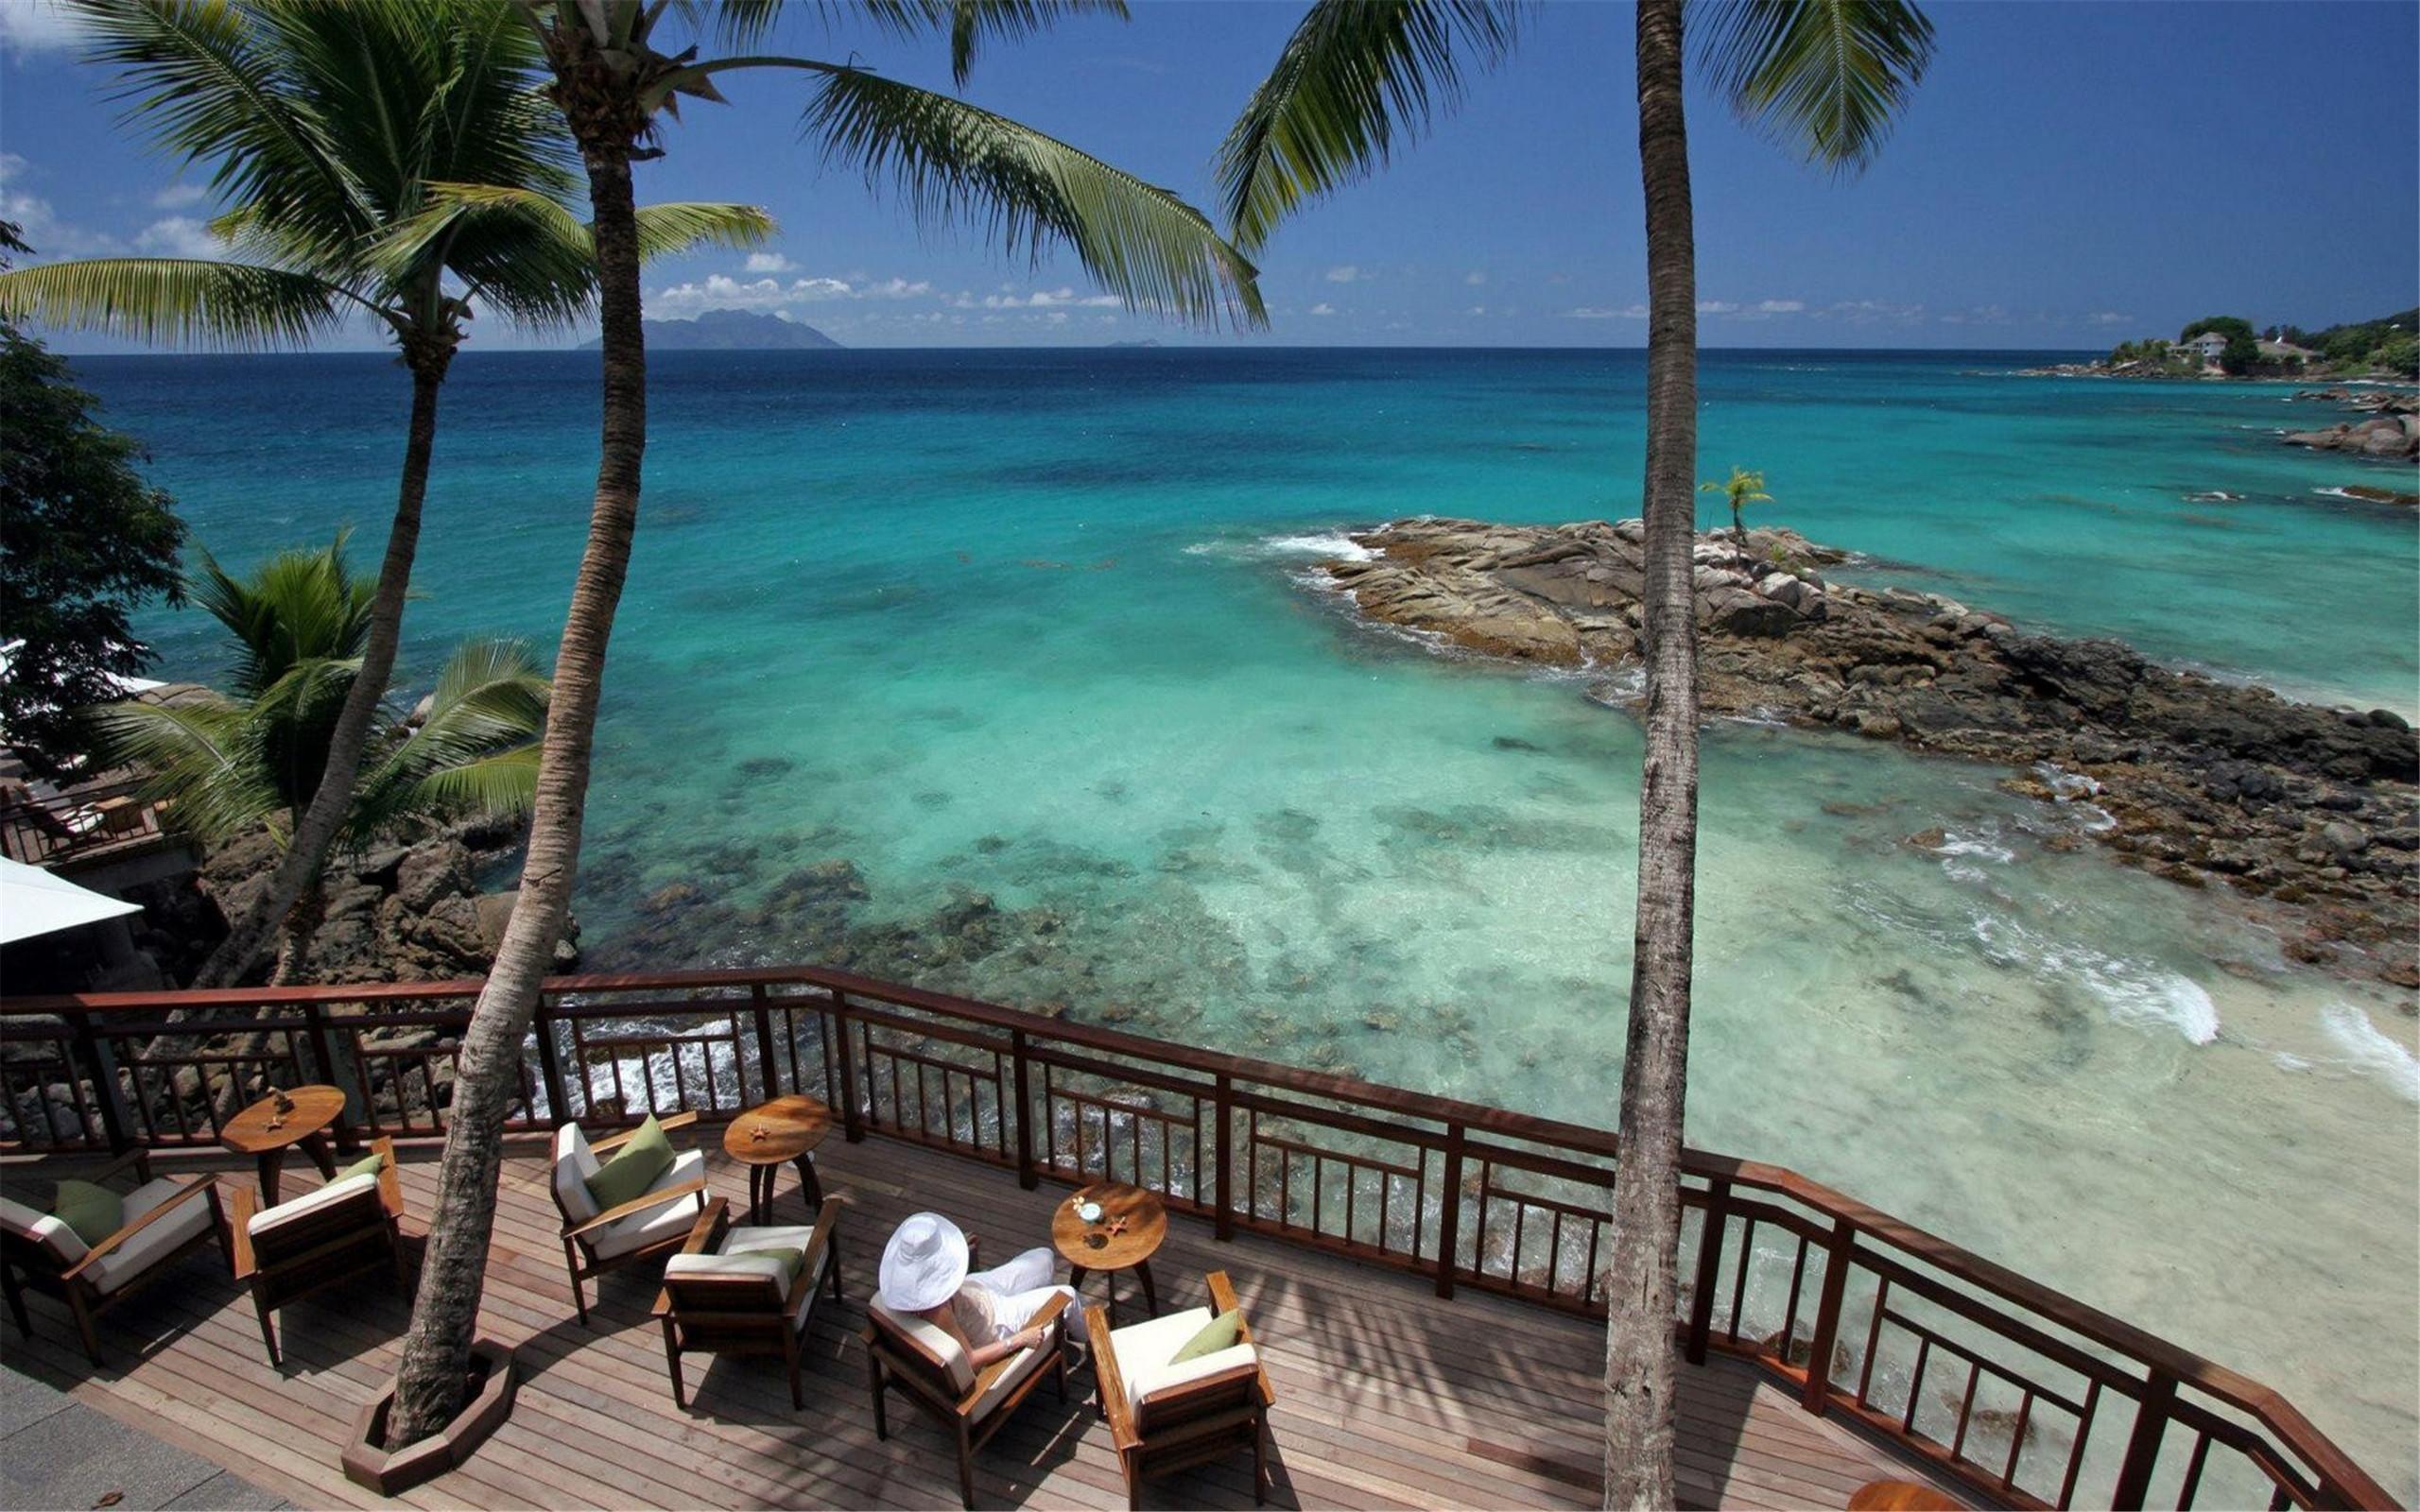 海边风景 精选蓝色海边风景图片高清桌面壁纸